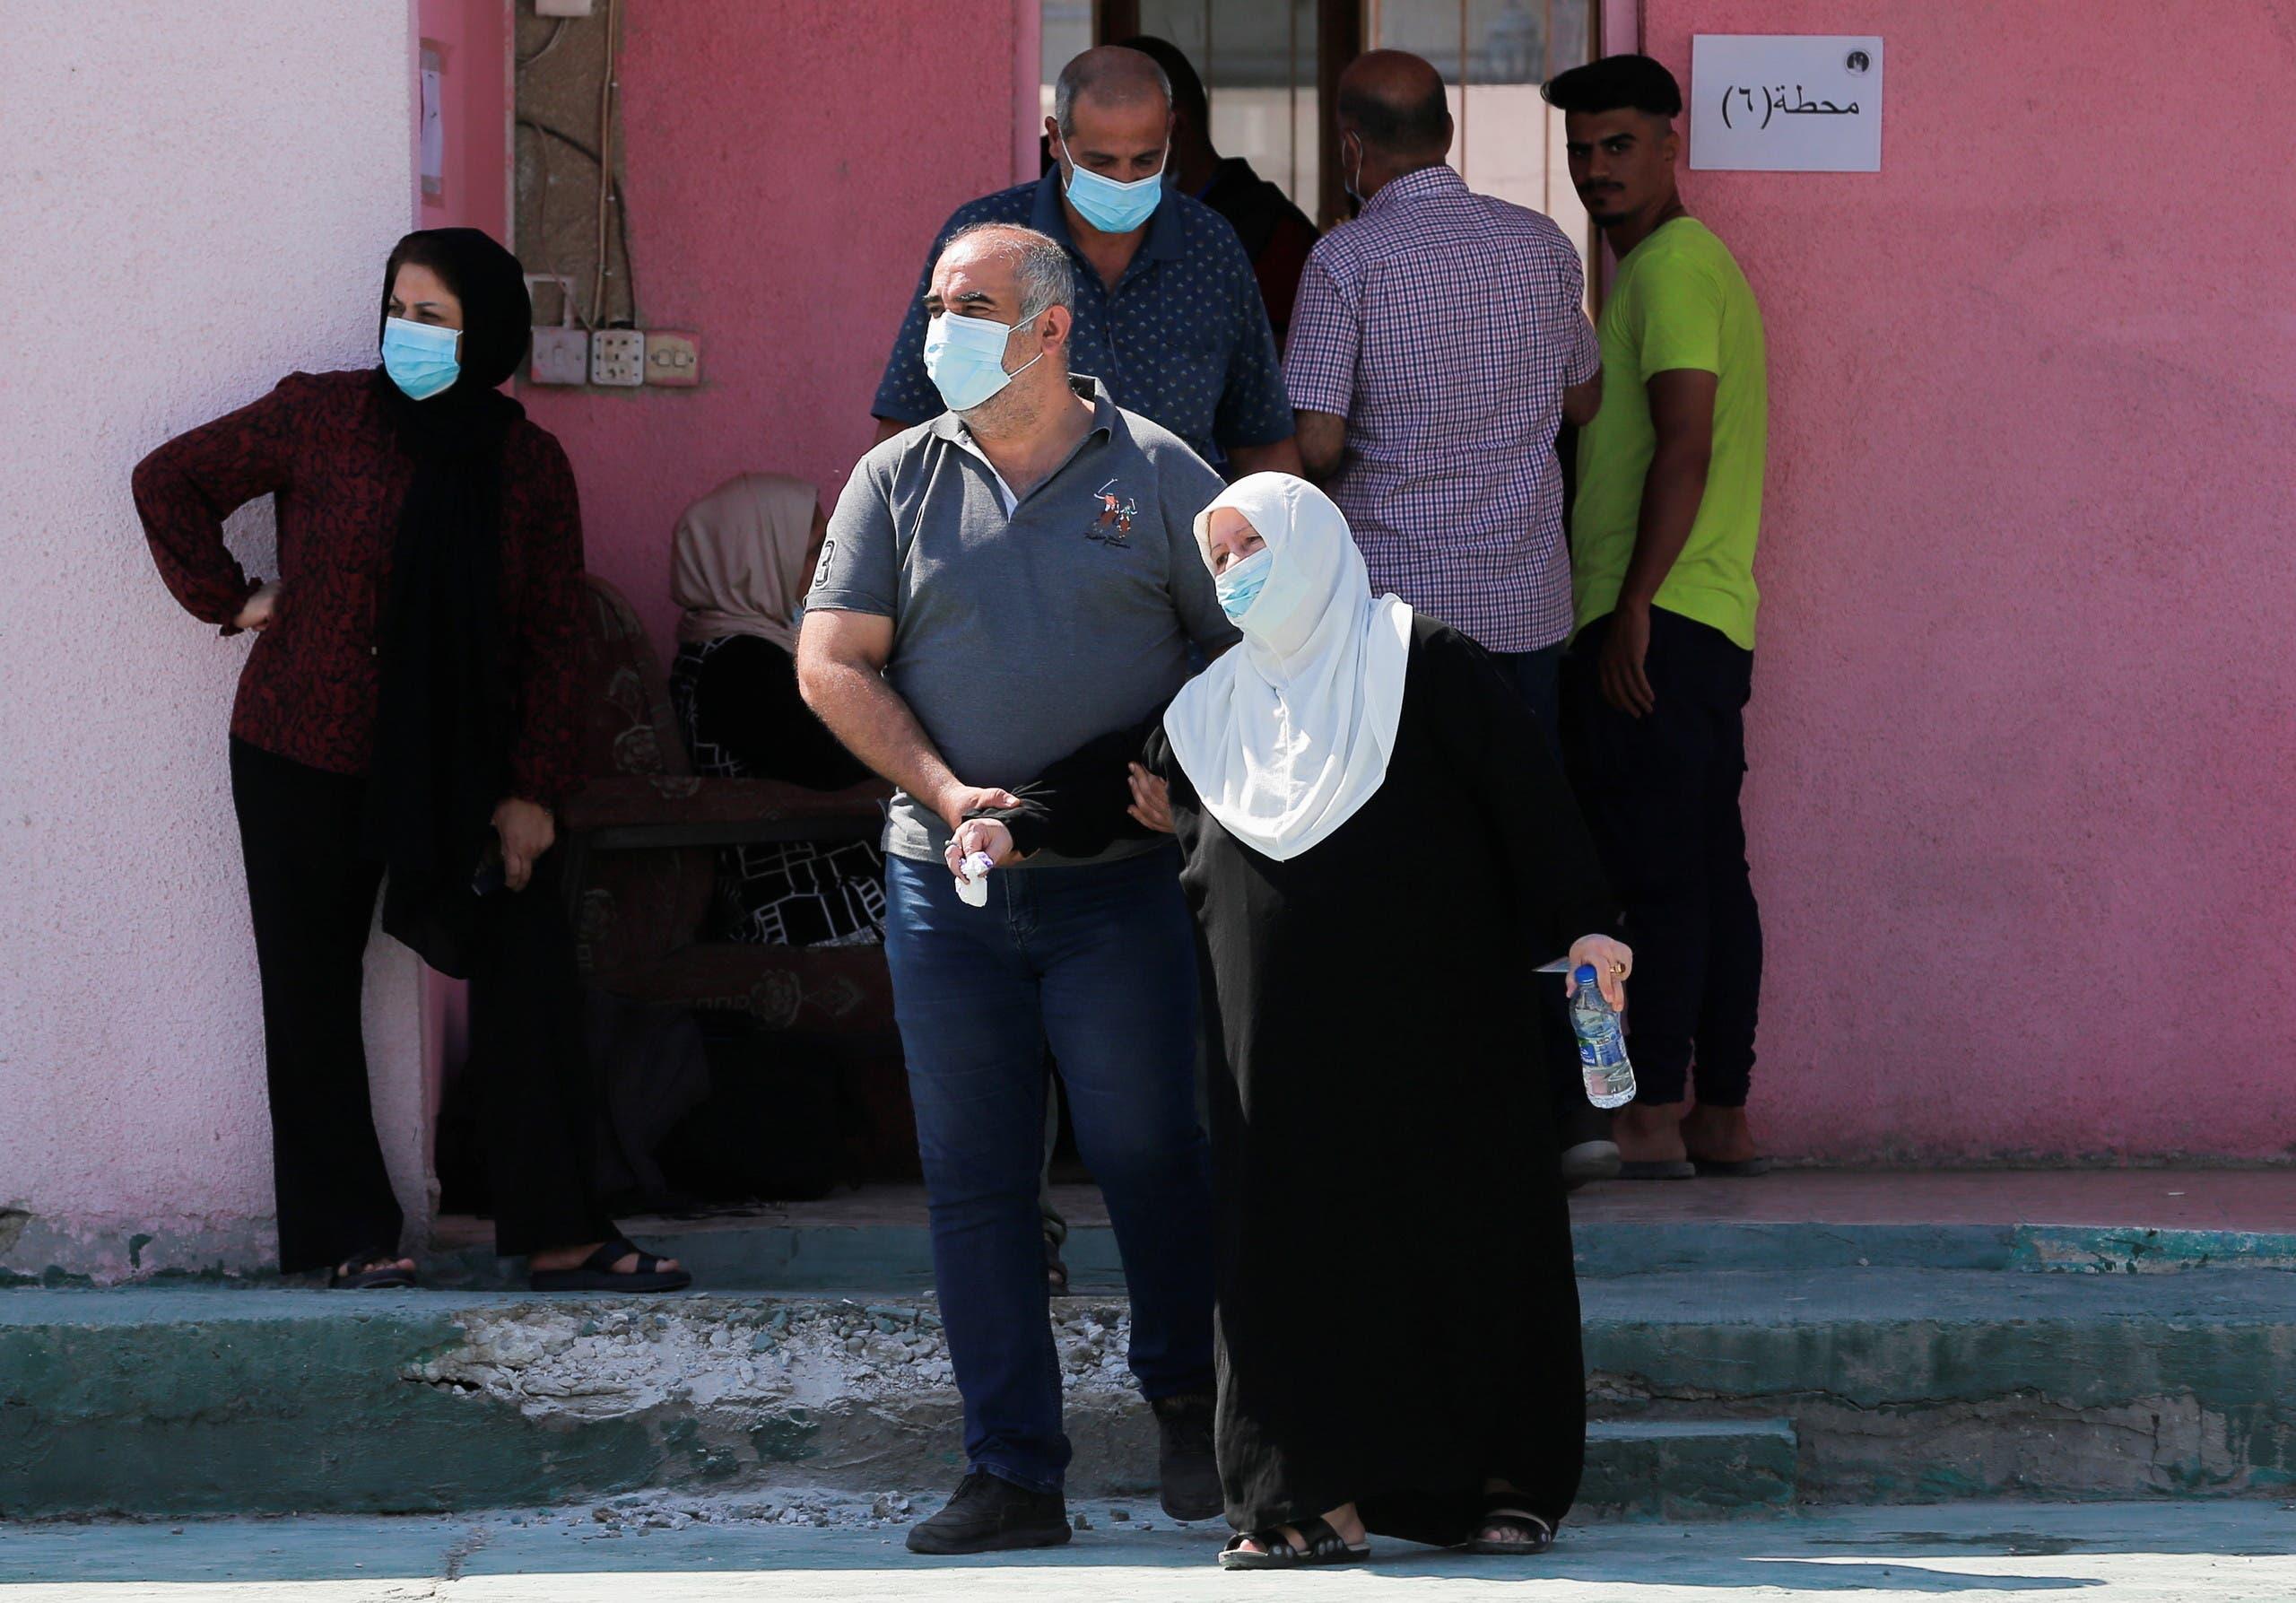 من مركز للاقتراع في العراق (الأحد 10 أكتوبر 2021- رويترز)